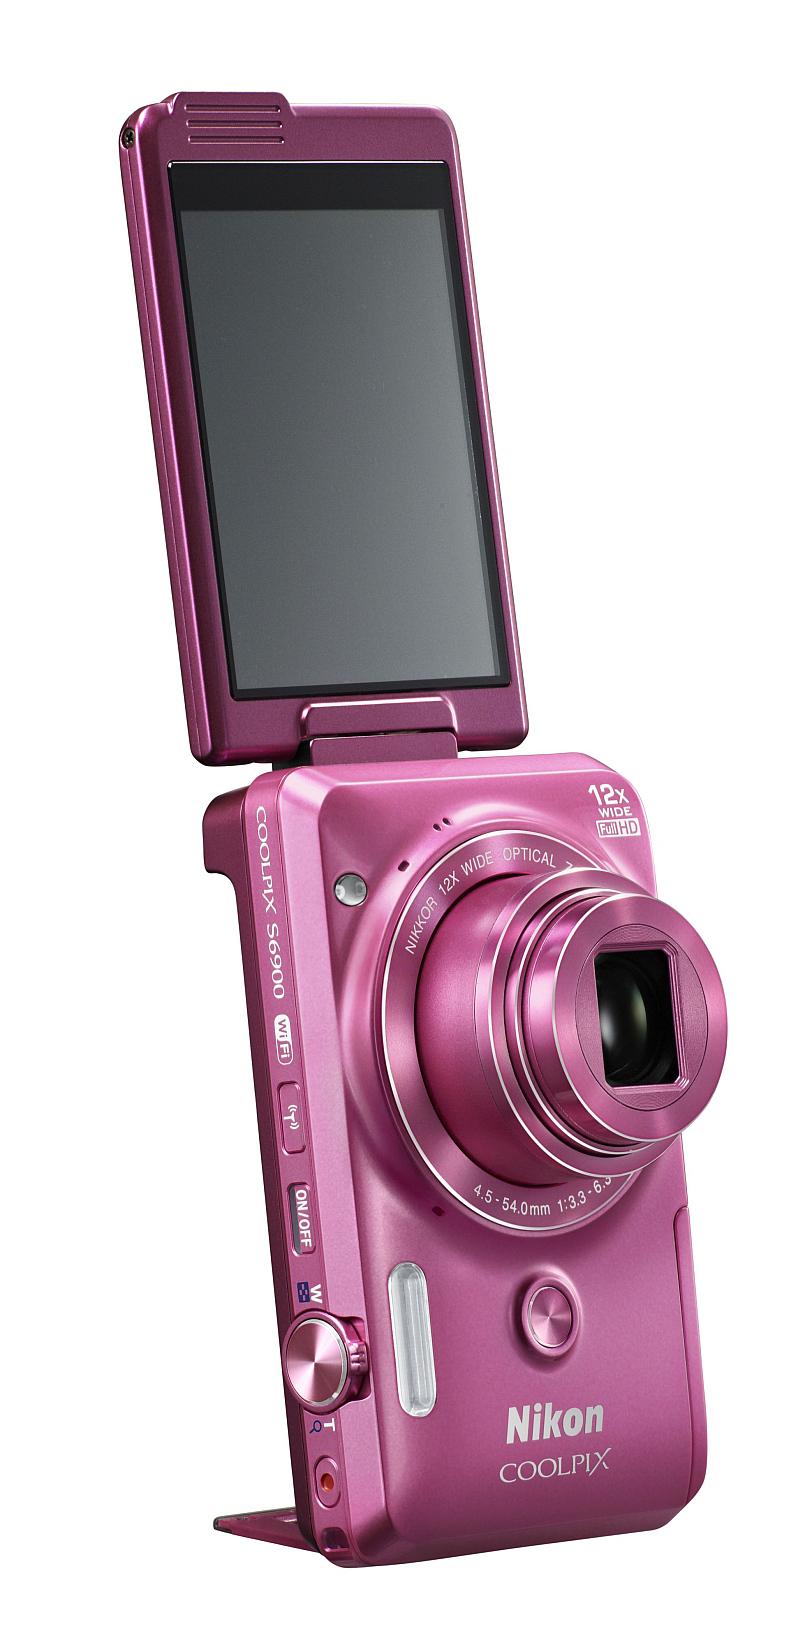 Fotoaparát Nikon COOLPIX S6900 ideální pro autoportréty a okamžité sdílení Foto: Nikon, ofociální zdroj